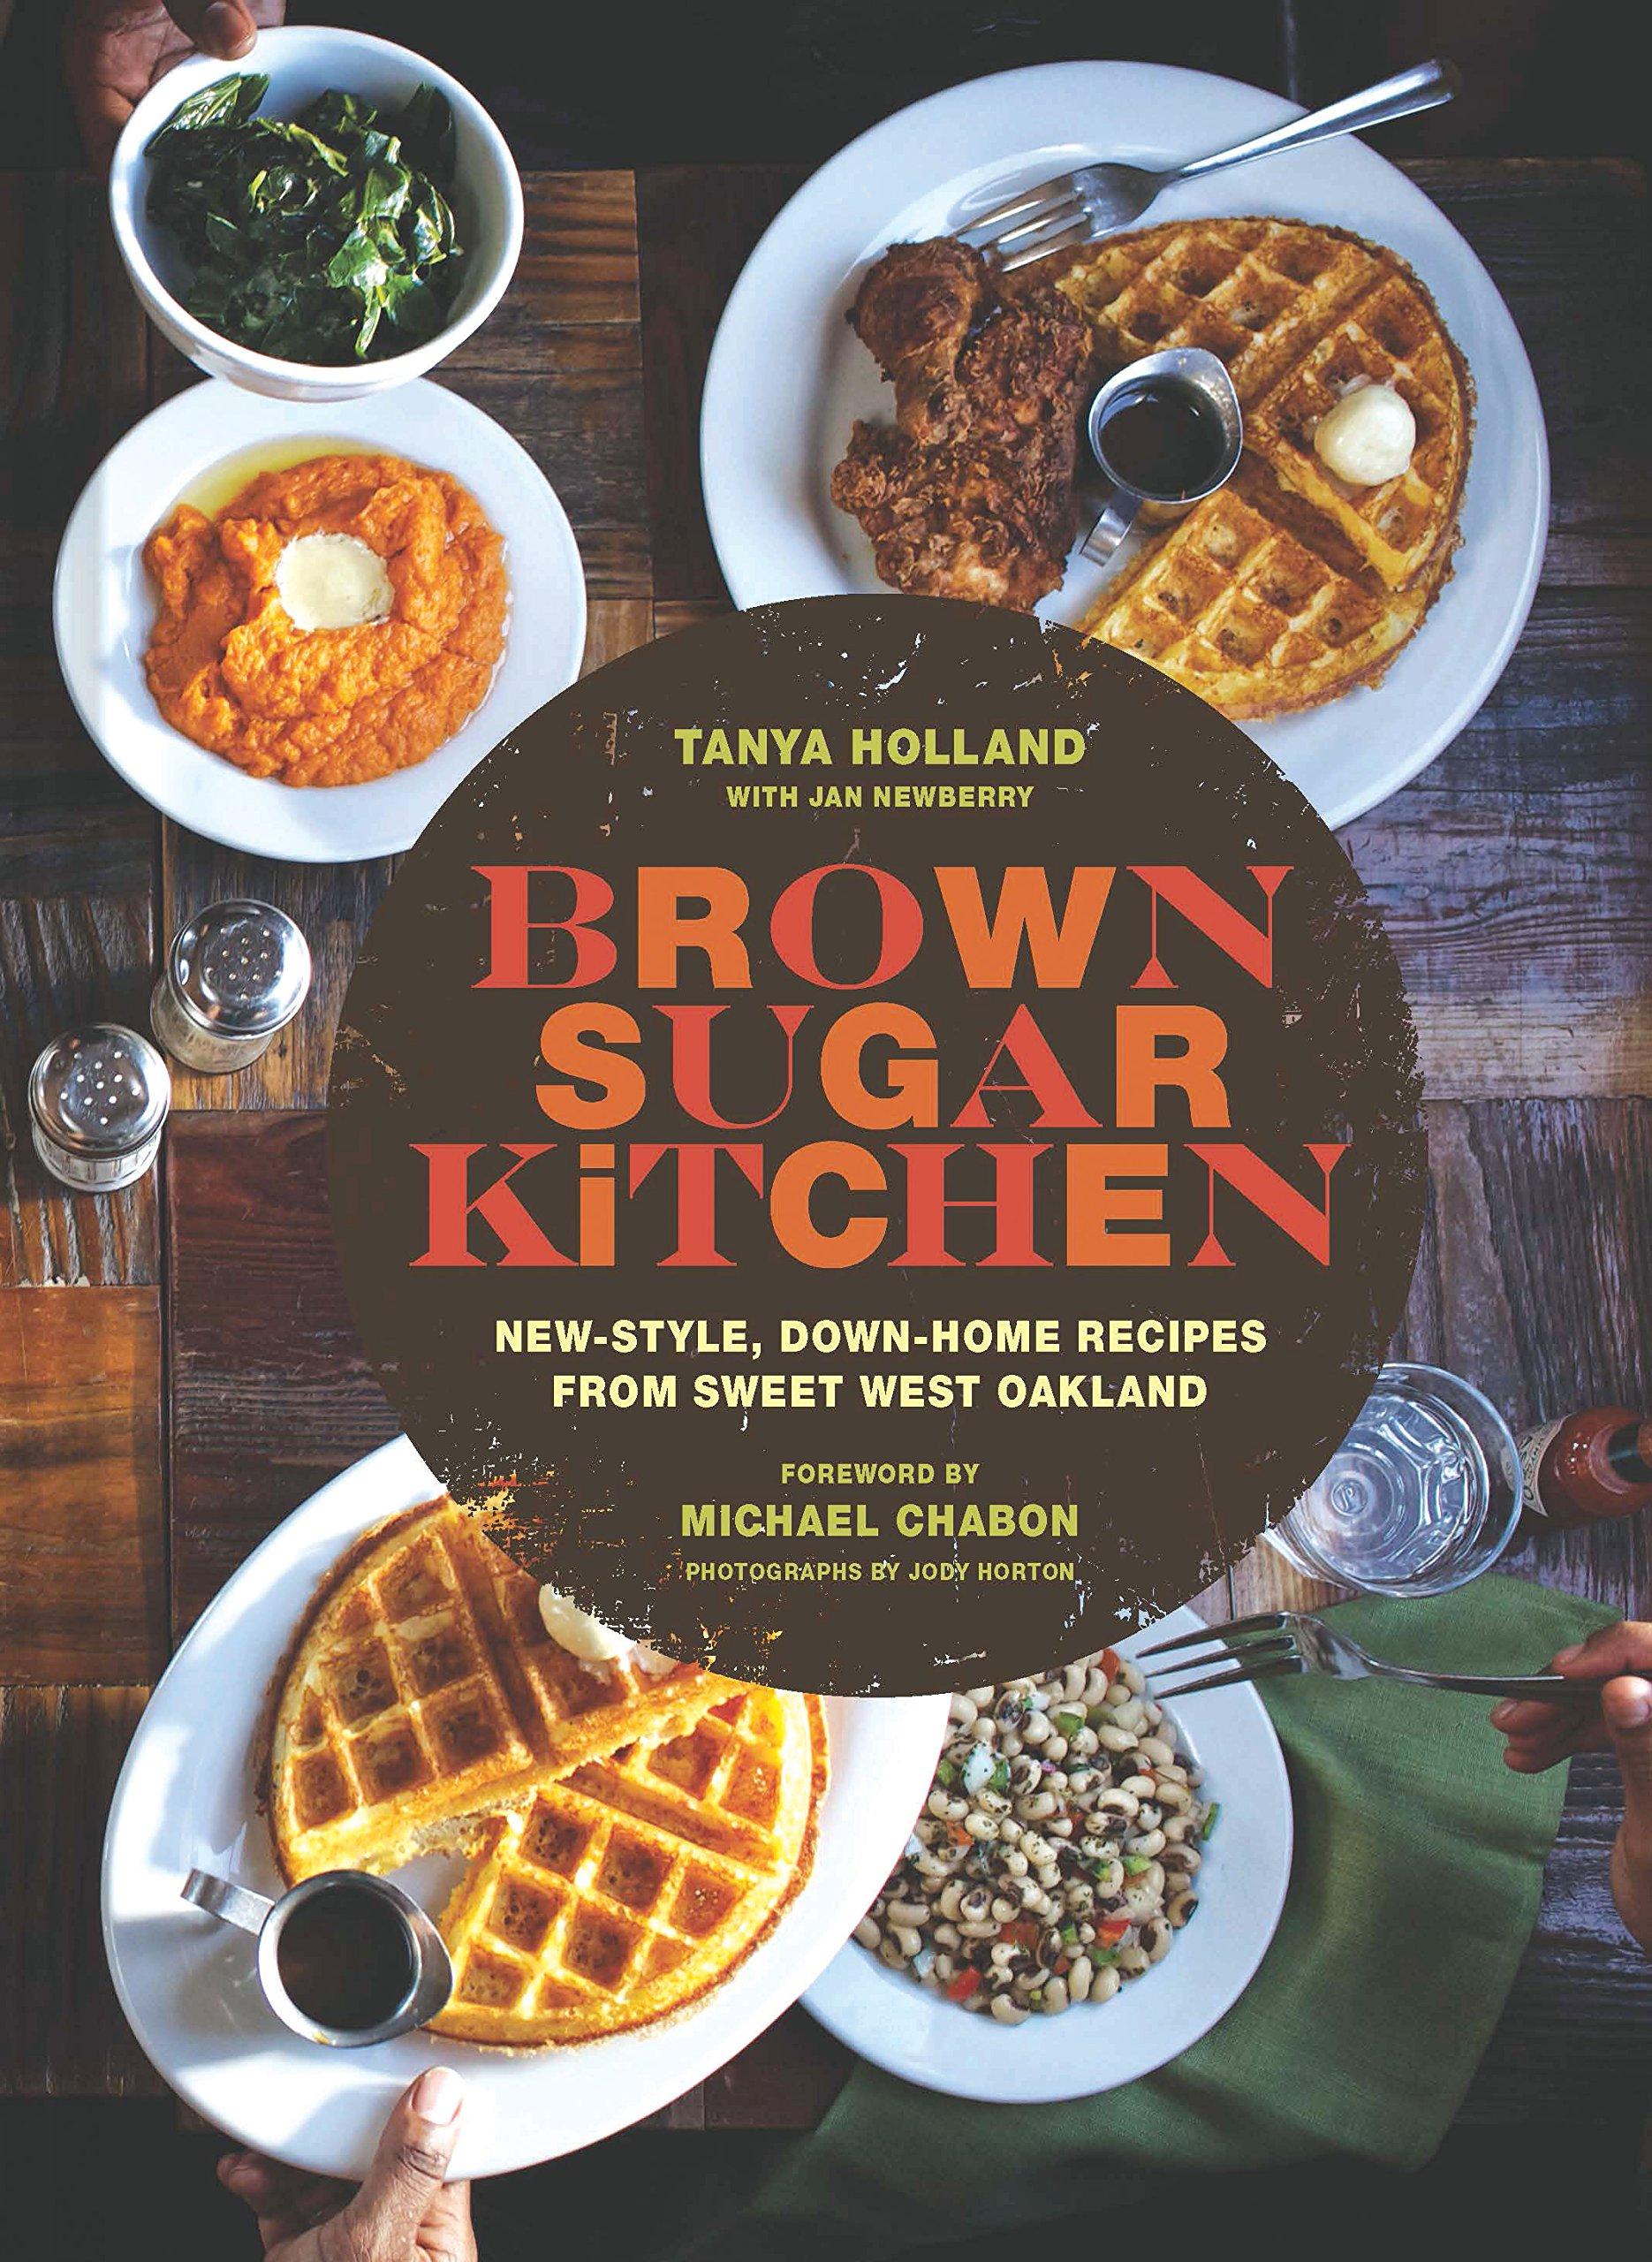 Brown Sugar Kitchen cookbook